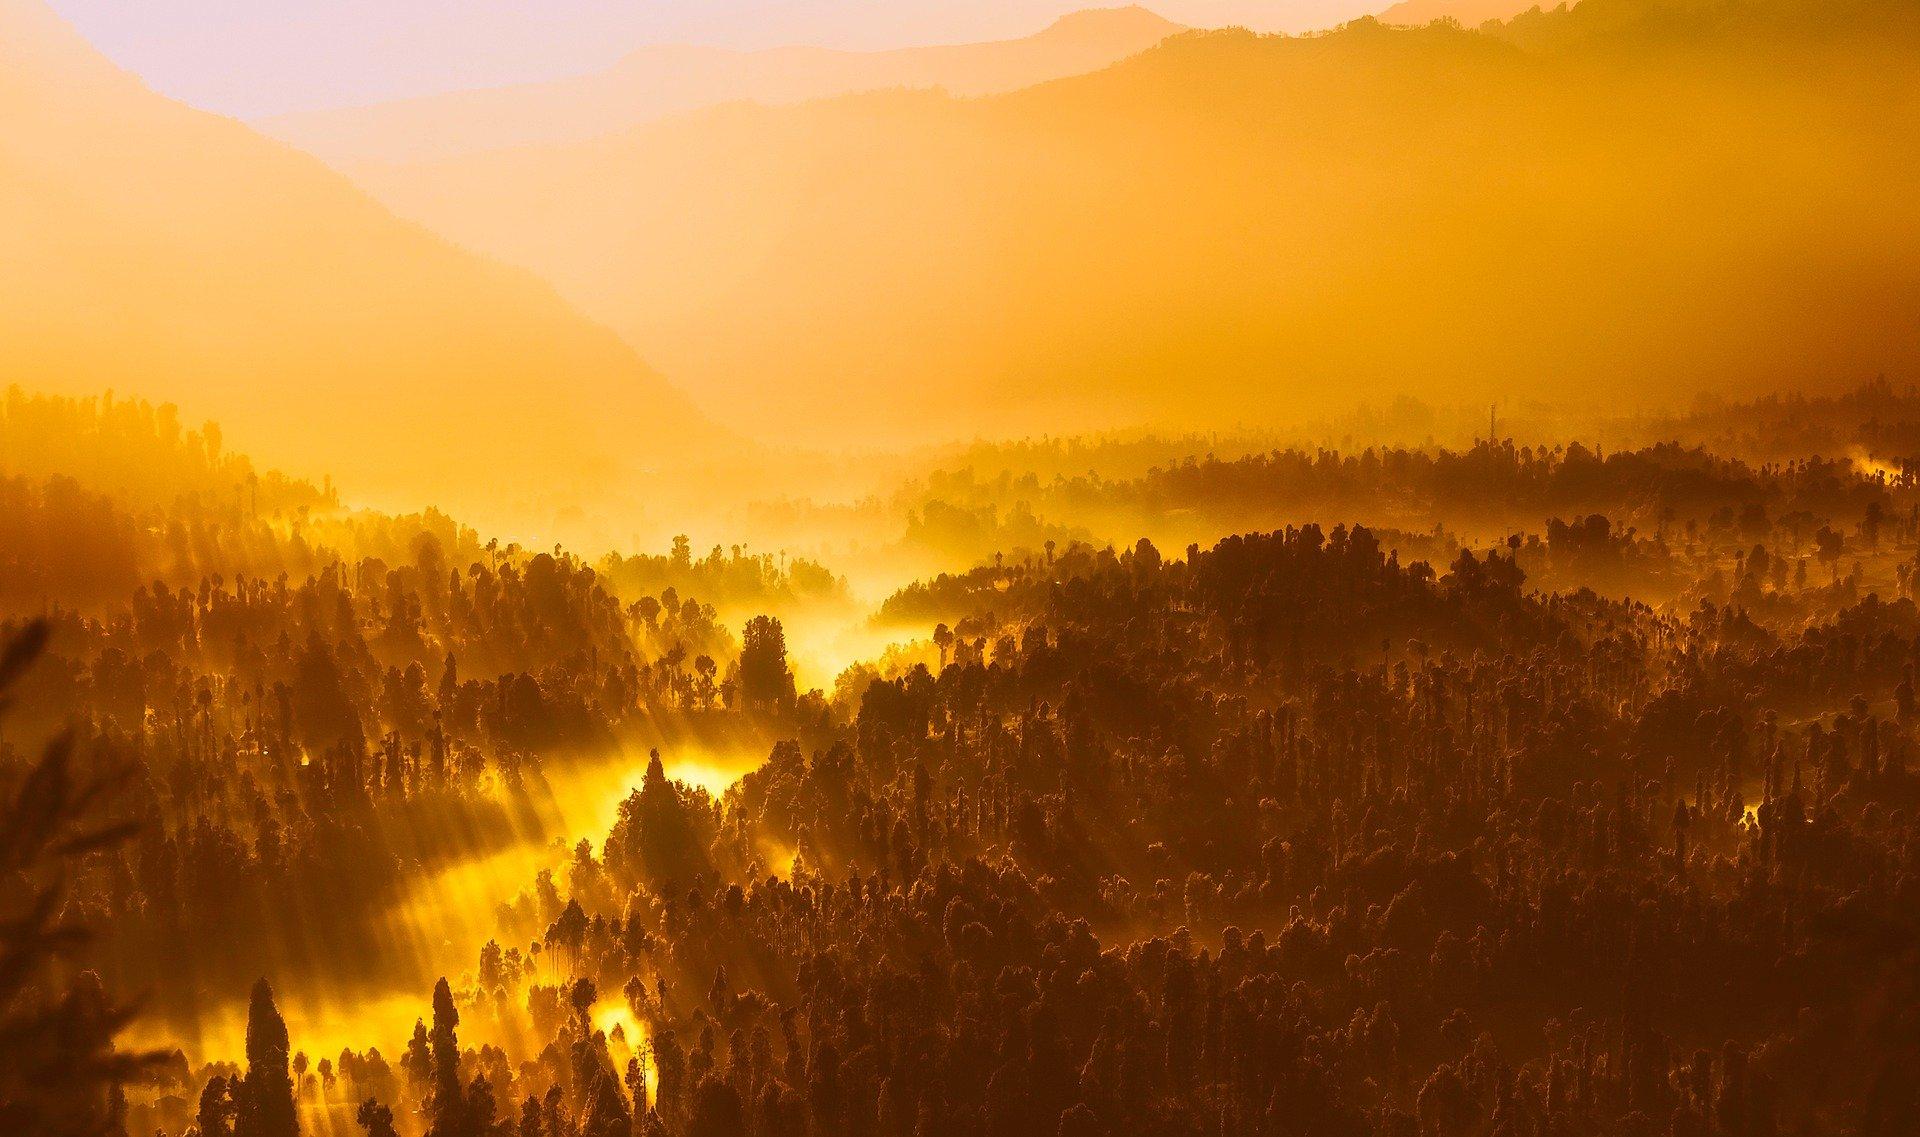 La planète toujours vers un réchauffement de 3 degrés, malgré la pandémie selon l'ONU